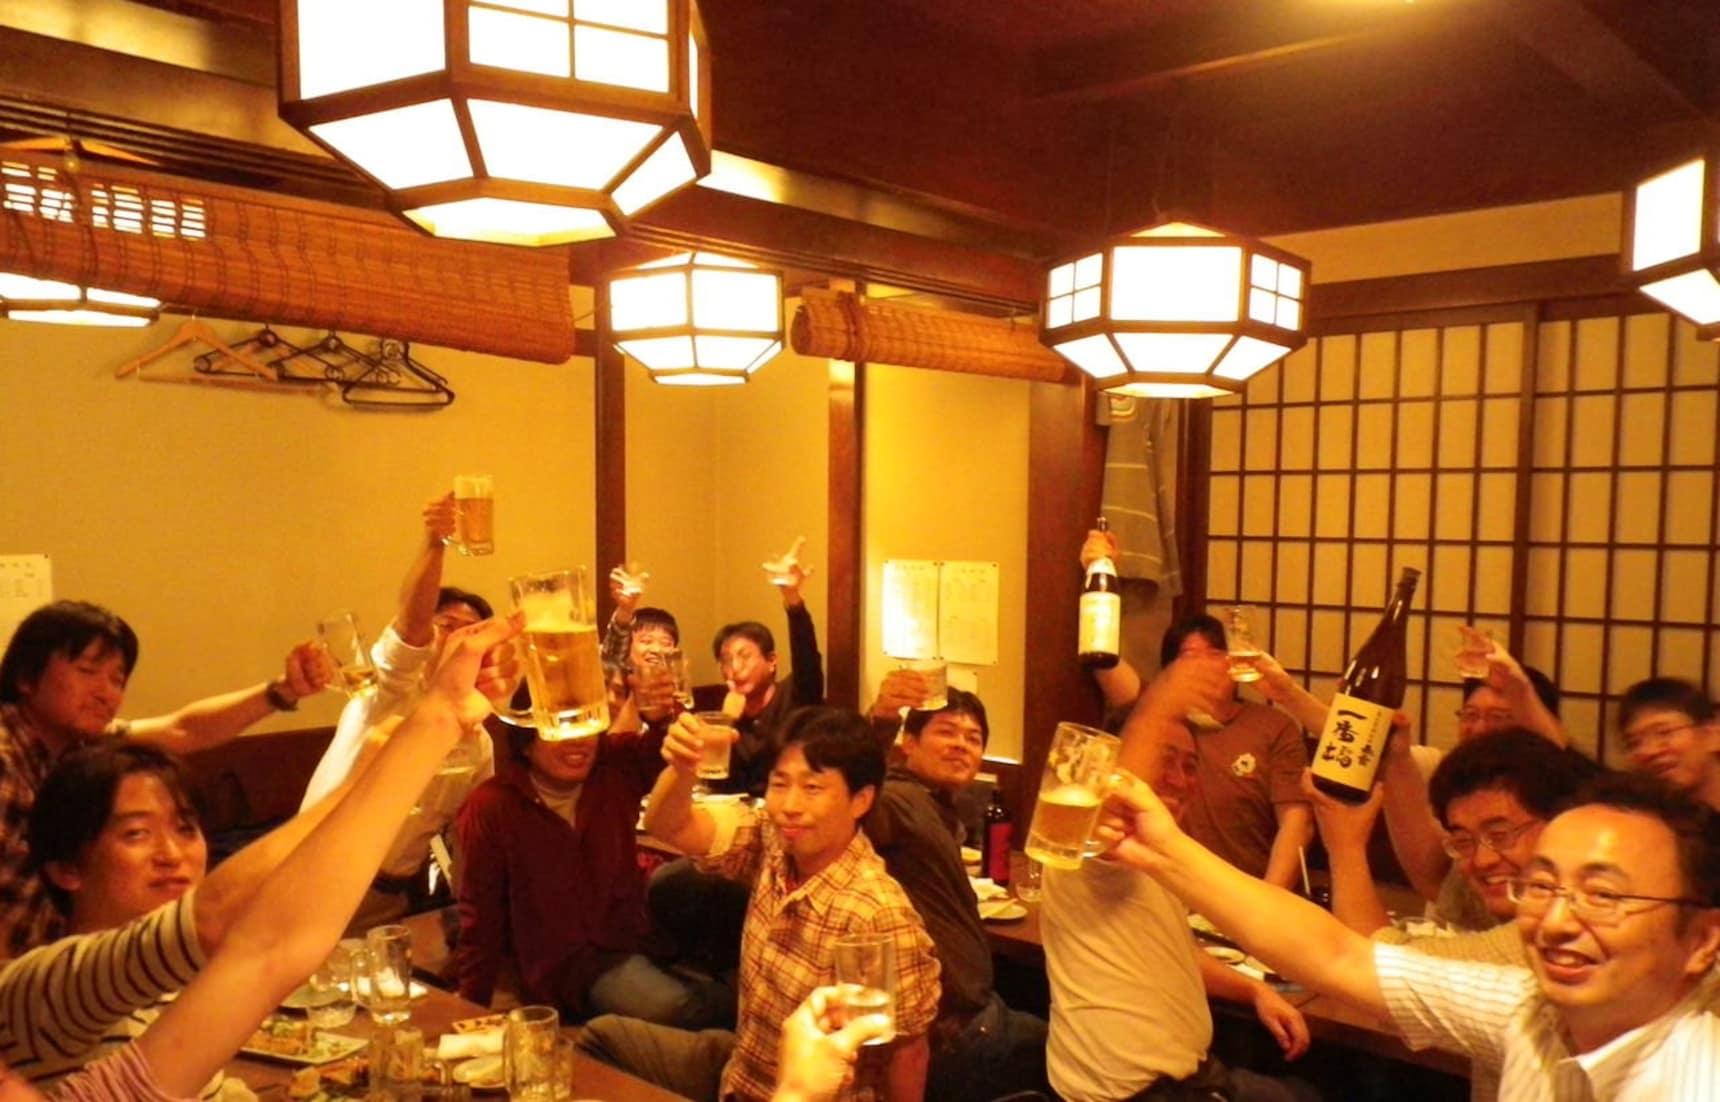 居酒屋里的文化与礼仪4讲